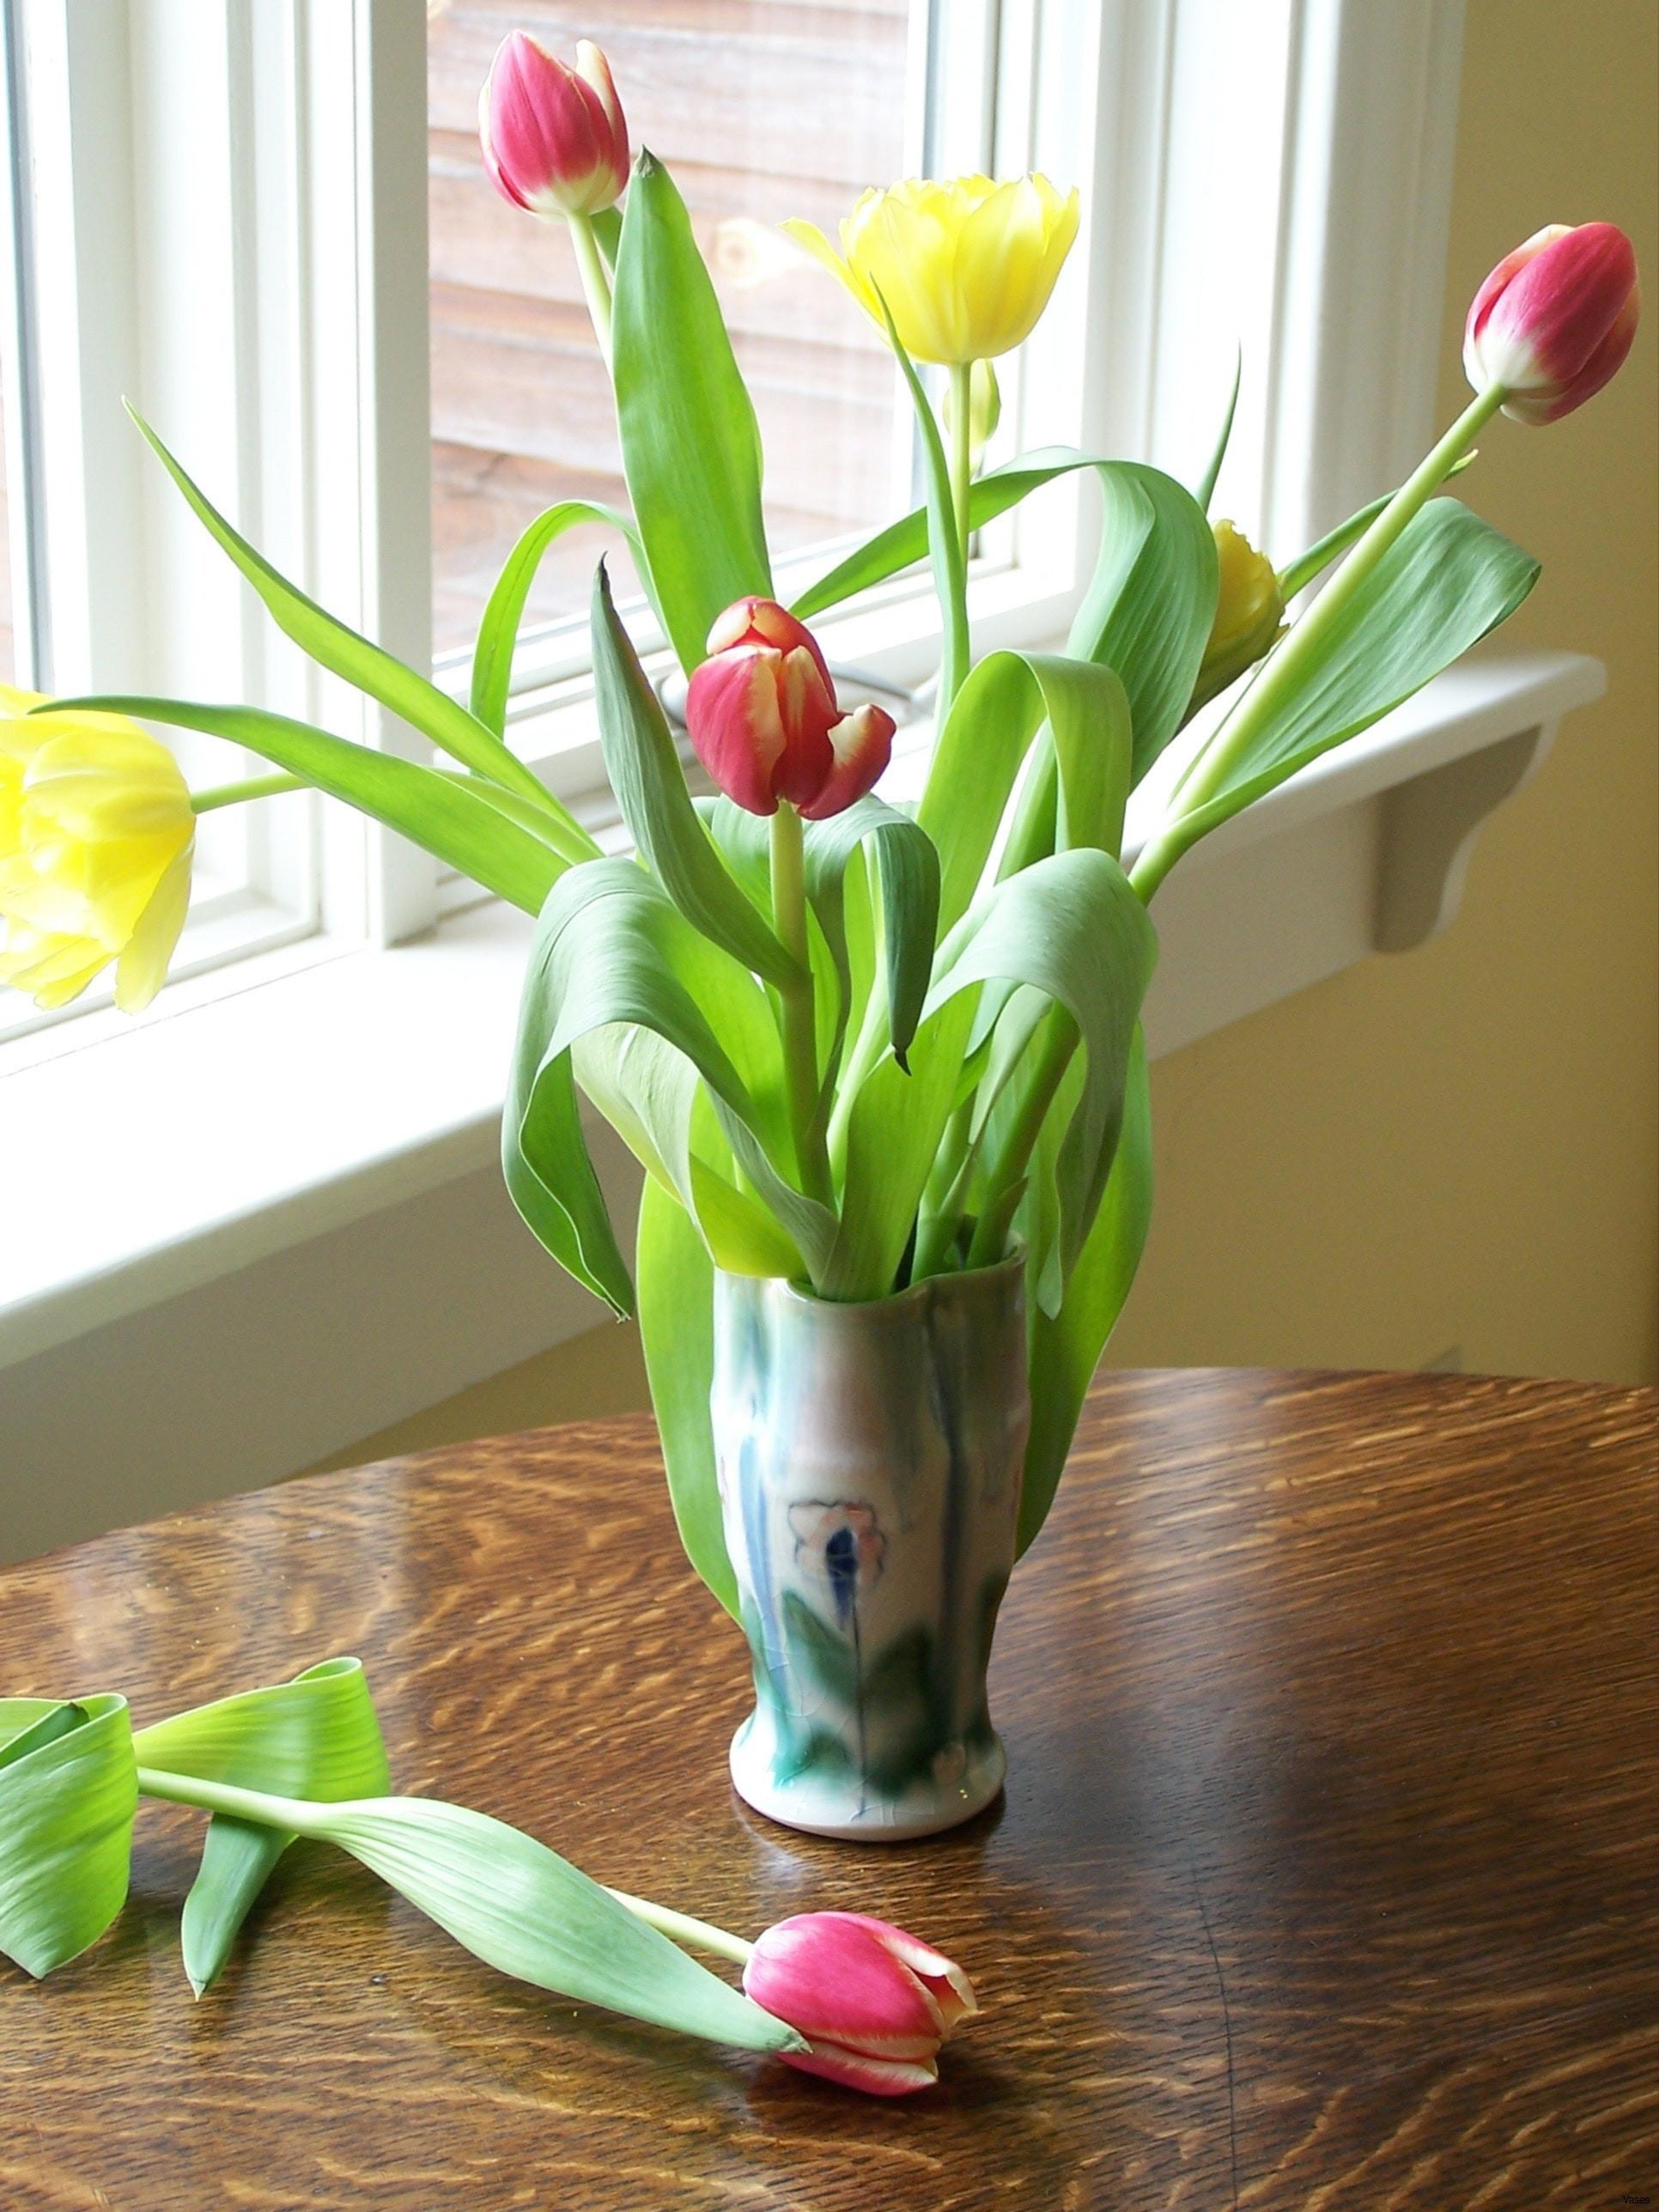 silver floral vase of elegant flower vase shop singapore beginneryogaclassesnear me pertaining to il fullxfull l7e9h vases single flower vase ideas zoomi 0d inspiration single flower vases